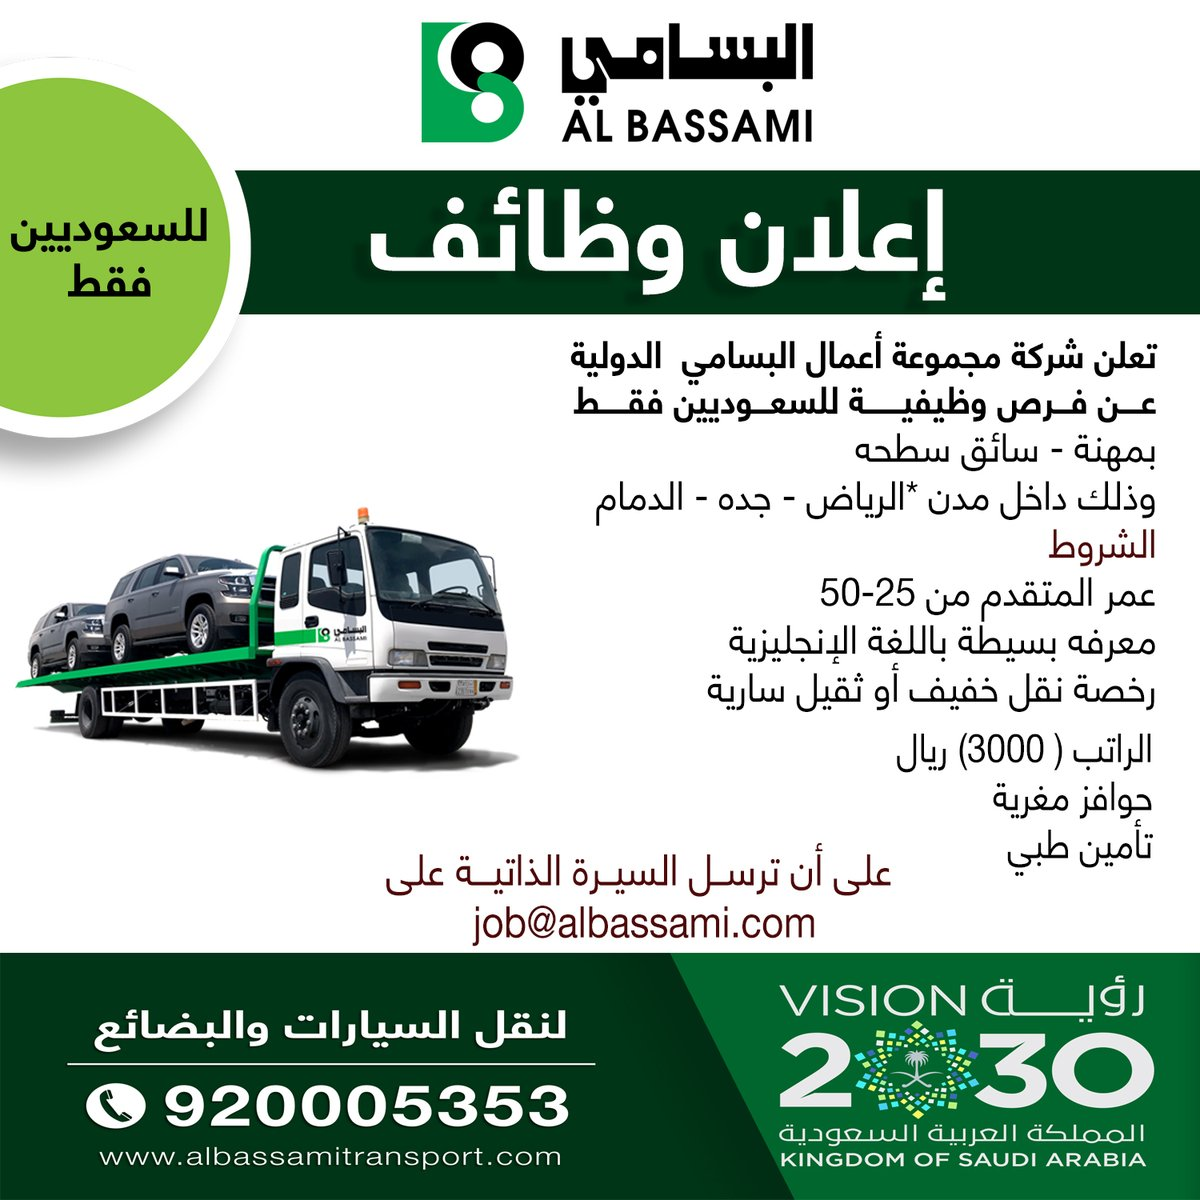 شركة البسامي تعلن عن وظائف شاغرة في الرياض والدمام وجدة براتب 3000 ريال